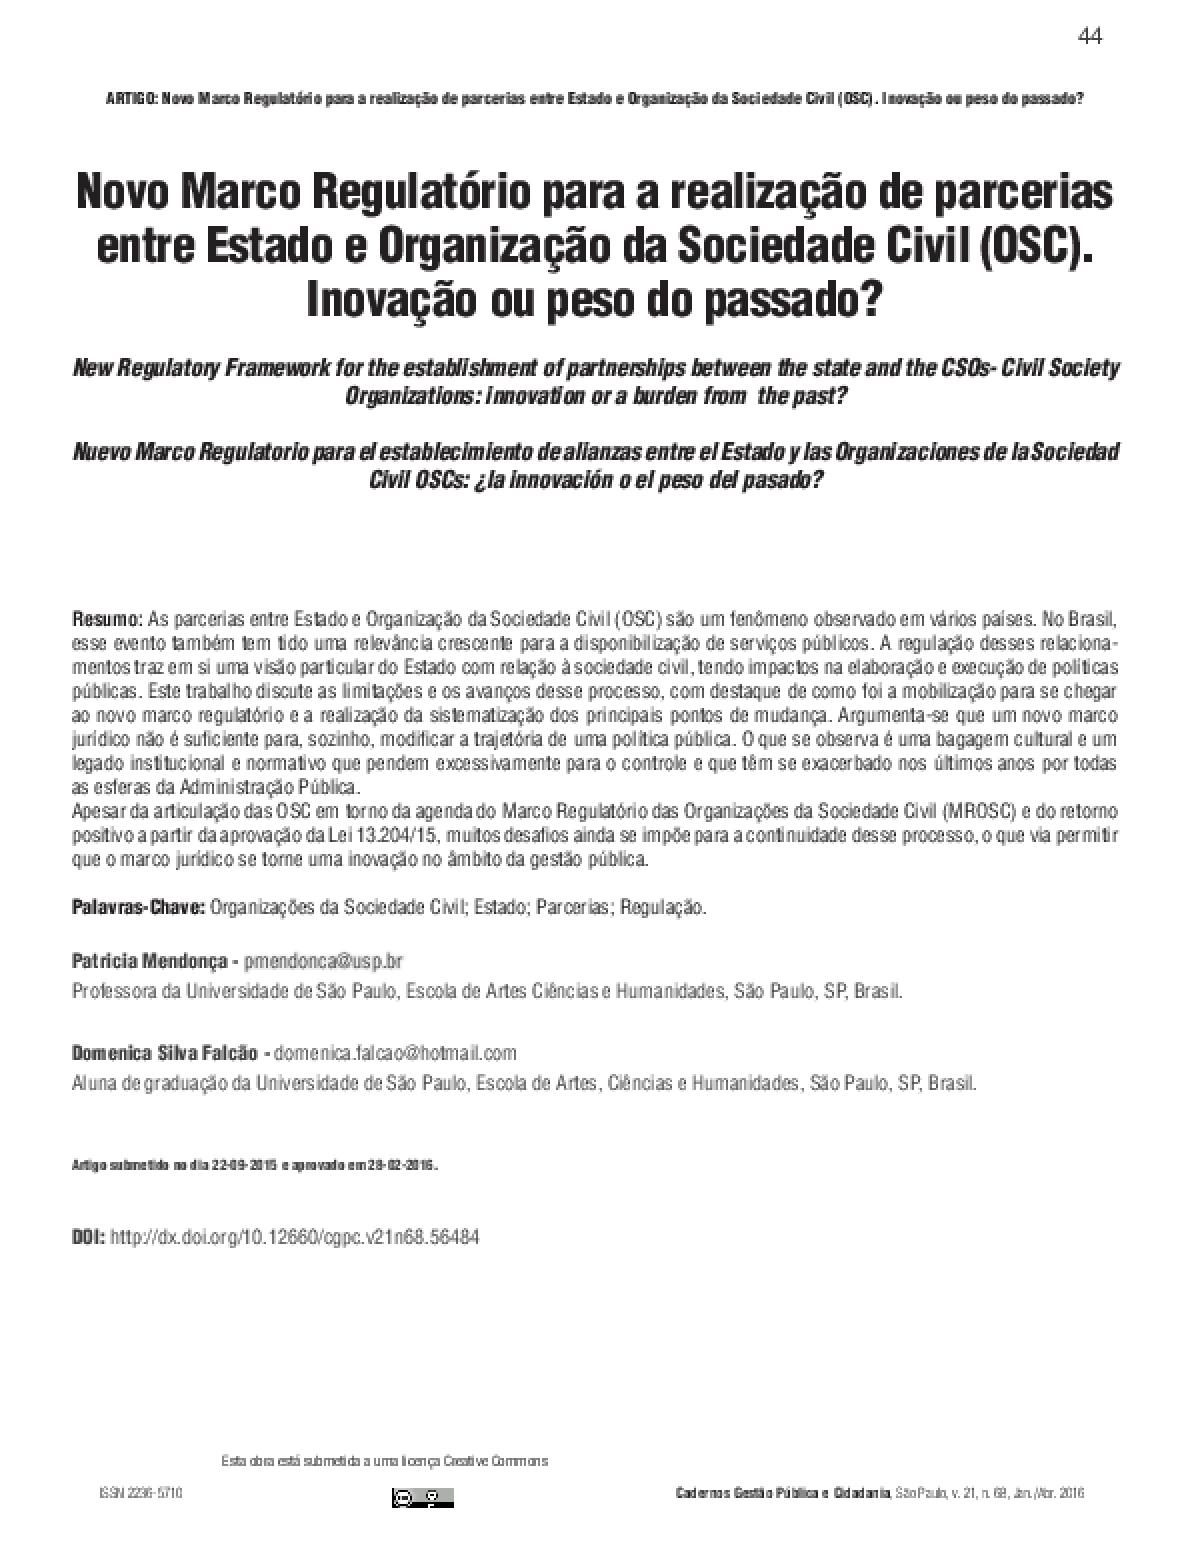 Novo Marco Regulatório para a realização de parcerias entre Estado e Organização da Sociedade Civil (OSC). Inovação ou peso do passado?